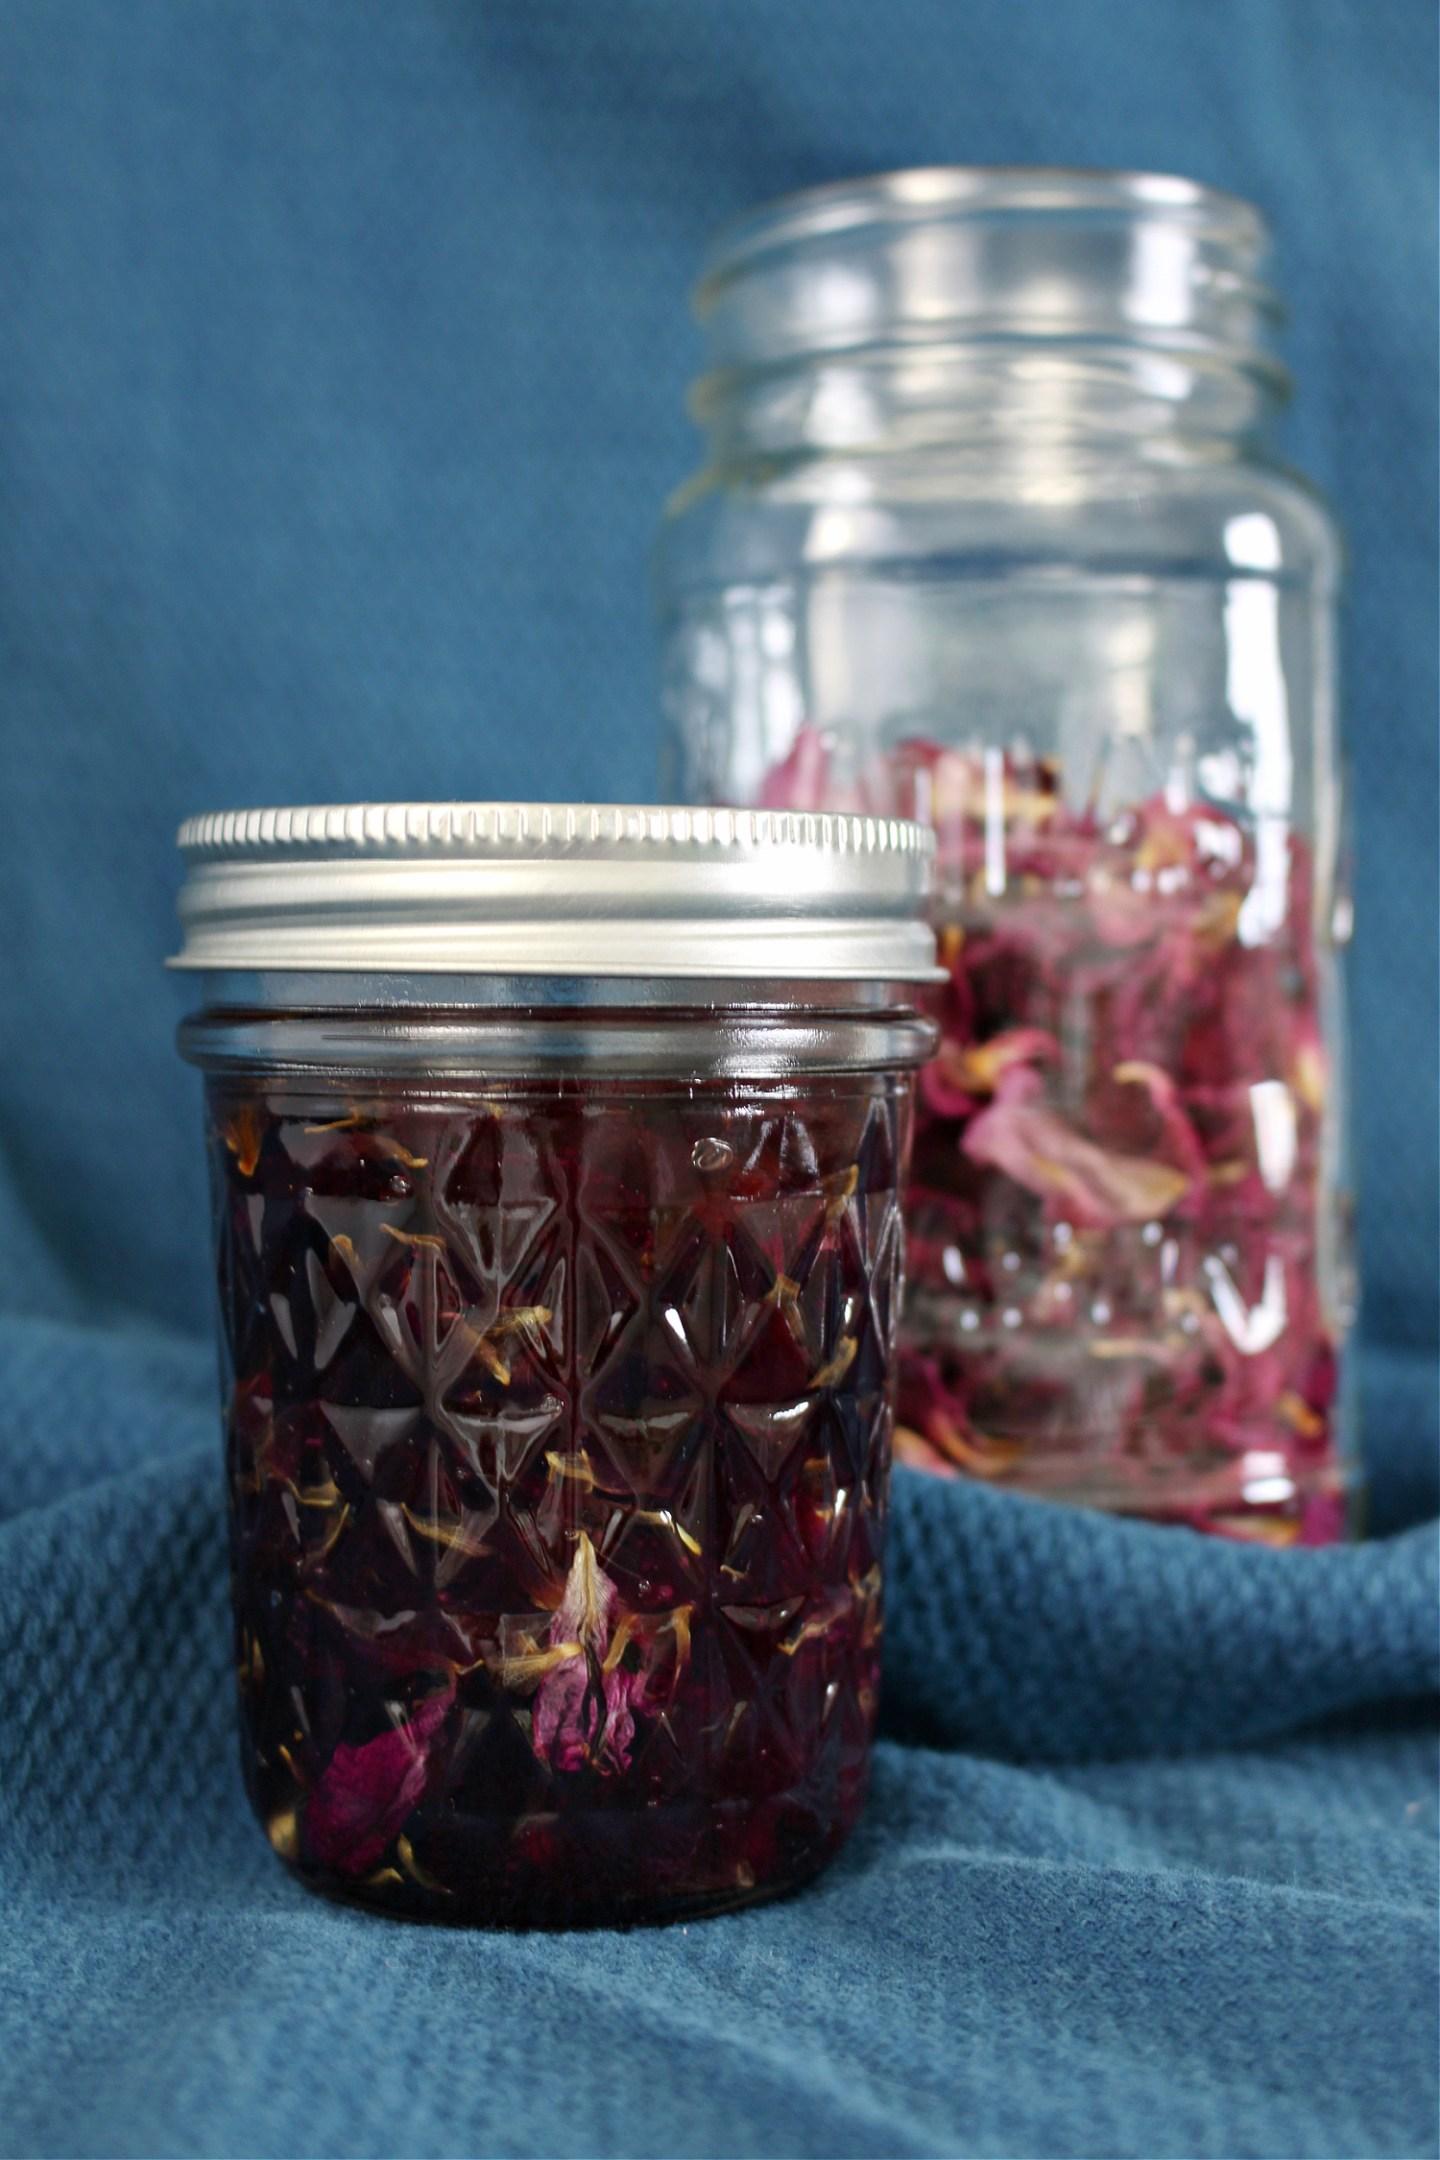 Rose Infused Oil DIY